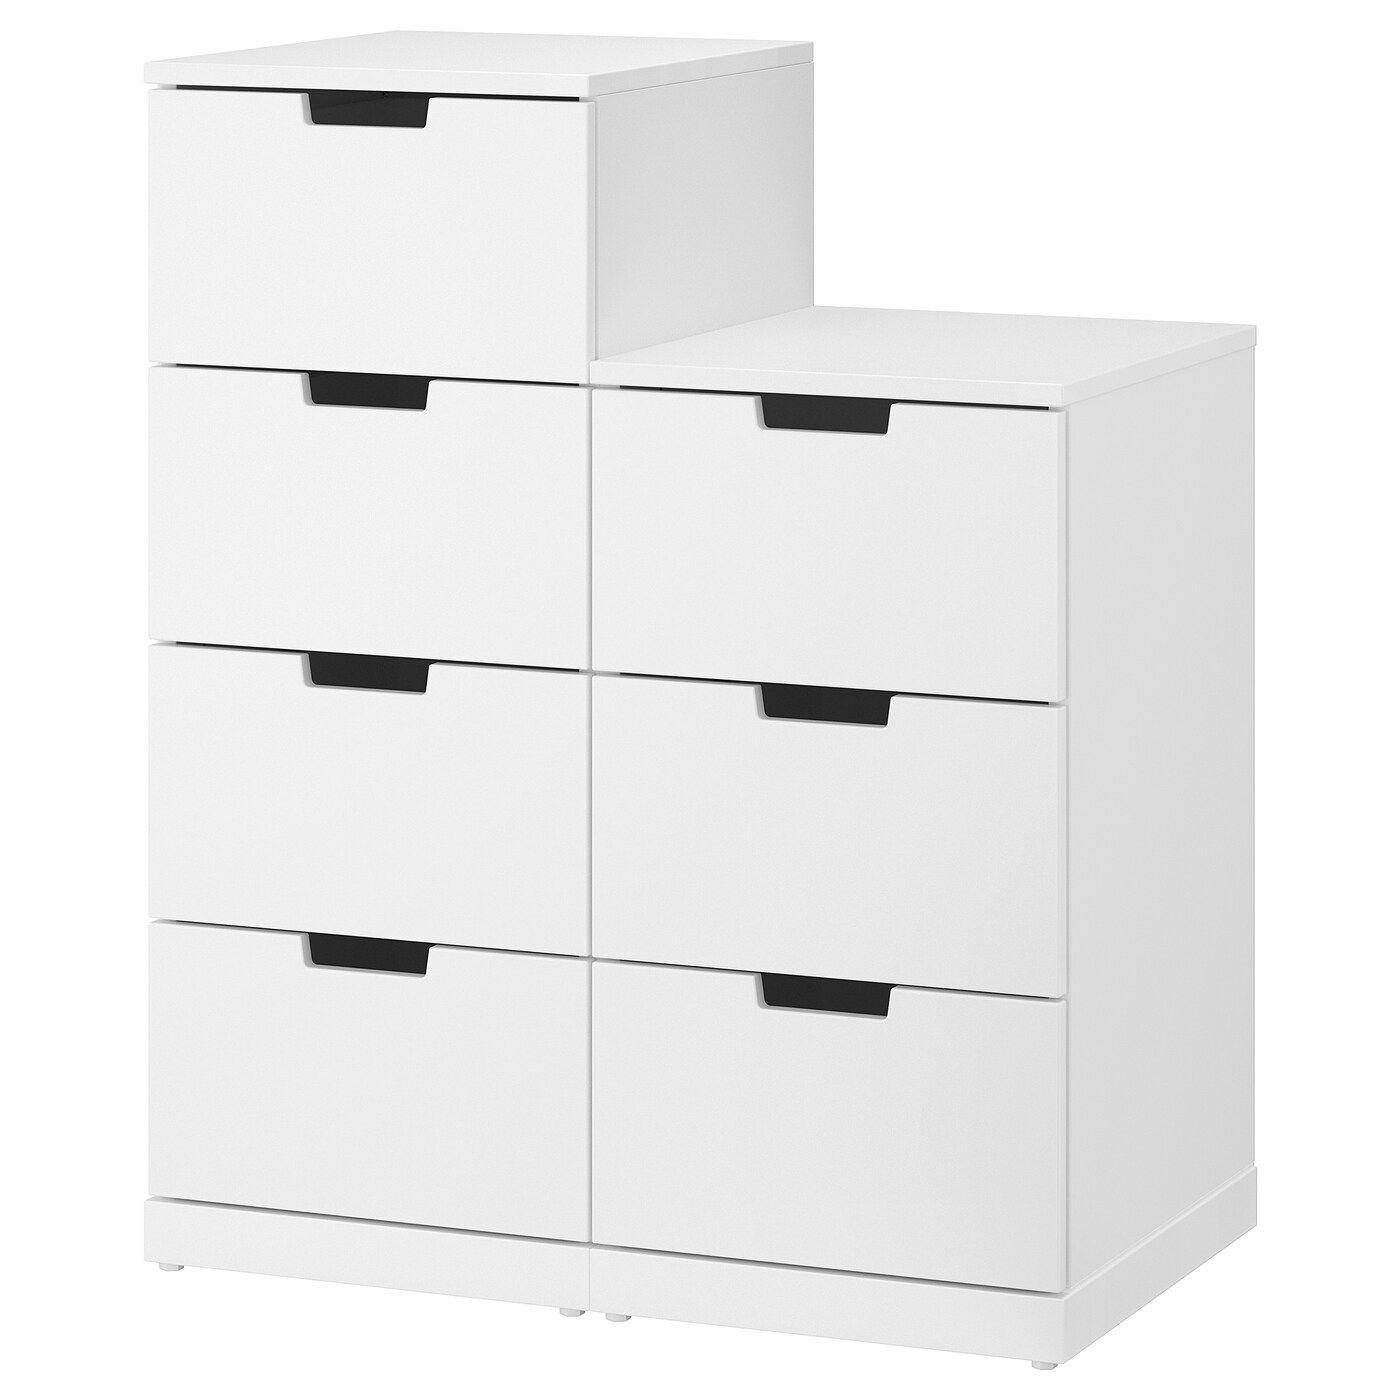 Nordli Comoda De 7 Cajones Blanco 80x99 Cm Ikea In 2020 7 Drawer Dresser Dresser Drawers Chest Of Drawers [ 1400 x 1400 Pixel ]